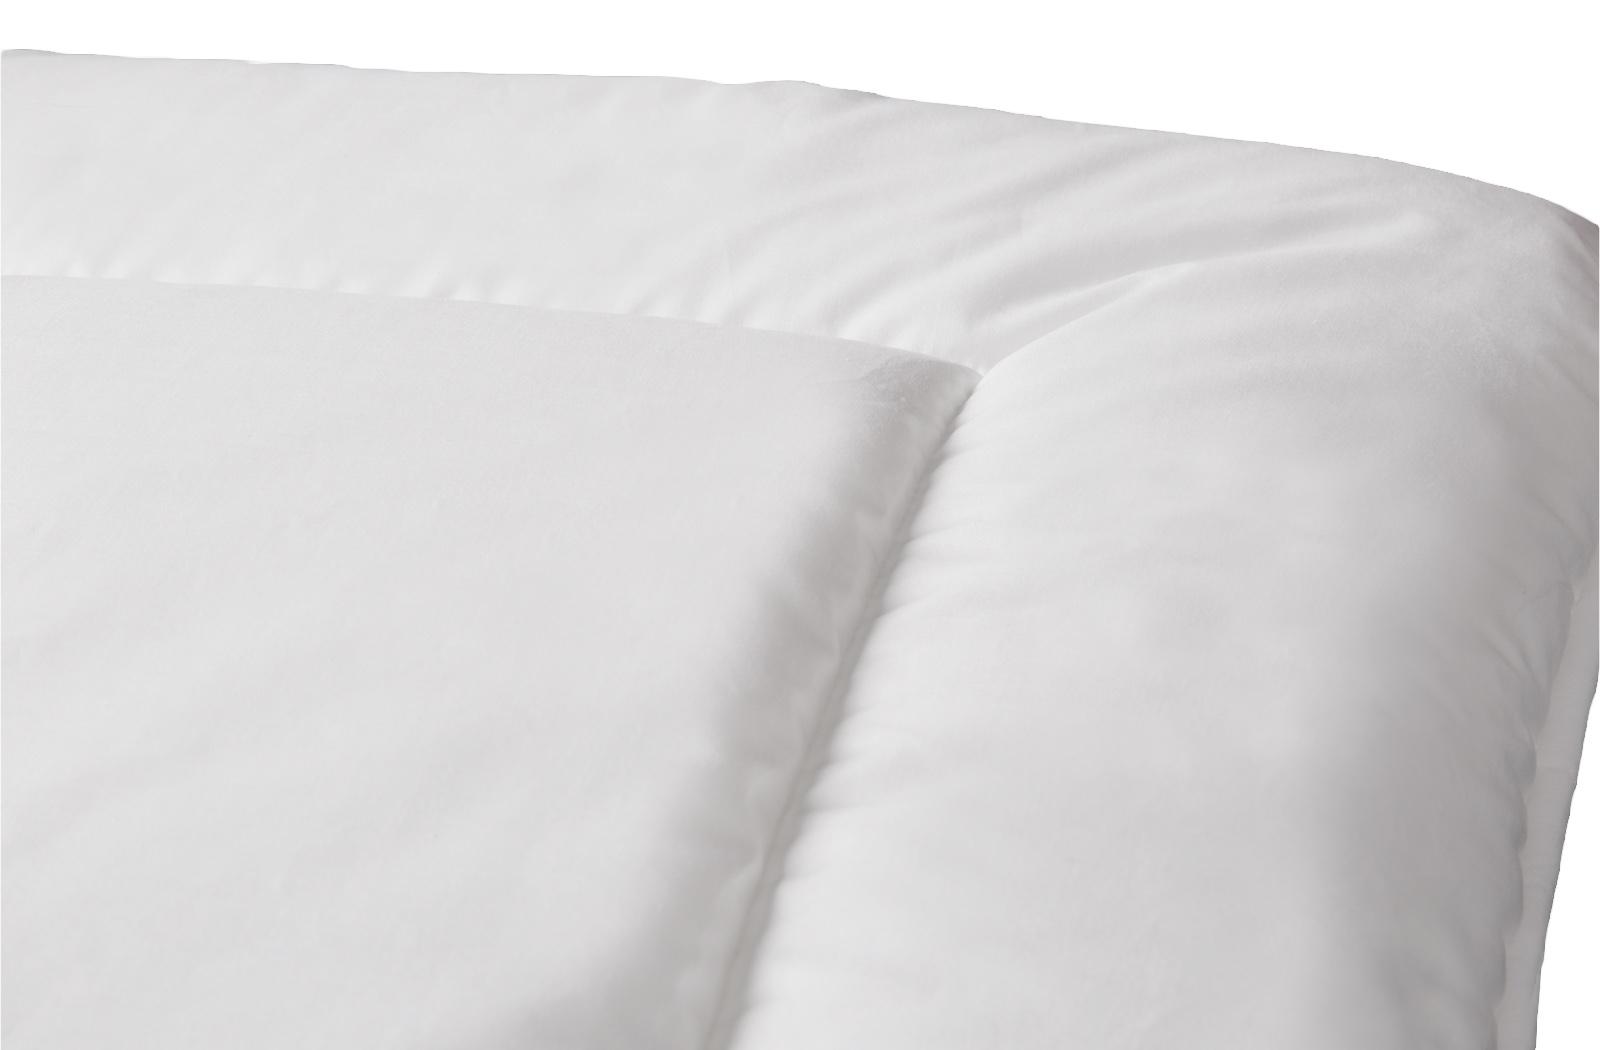 Bauchschläferkissen Kissen Baumwolle waschbar 60 Grad Bea – Bild 6